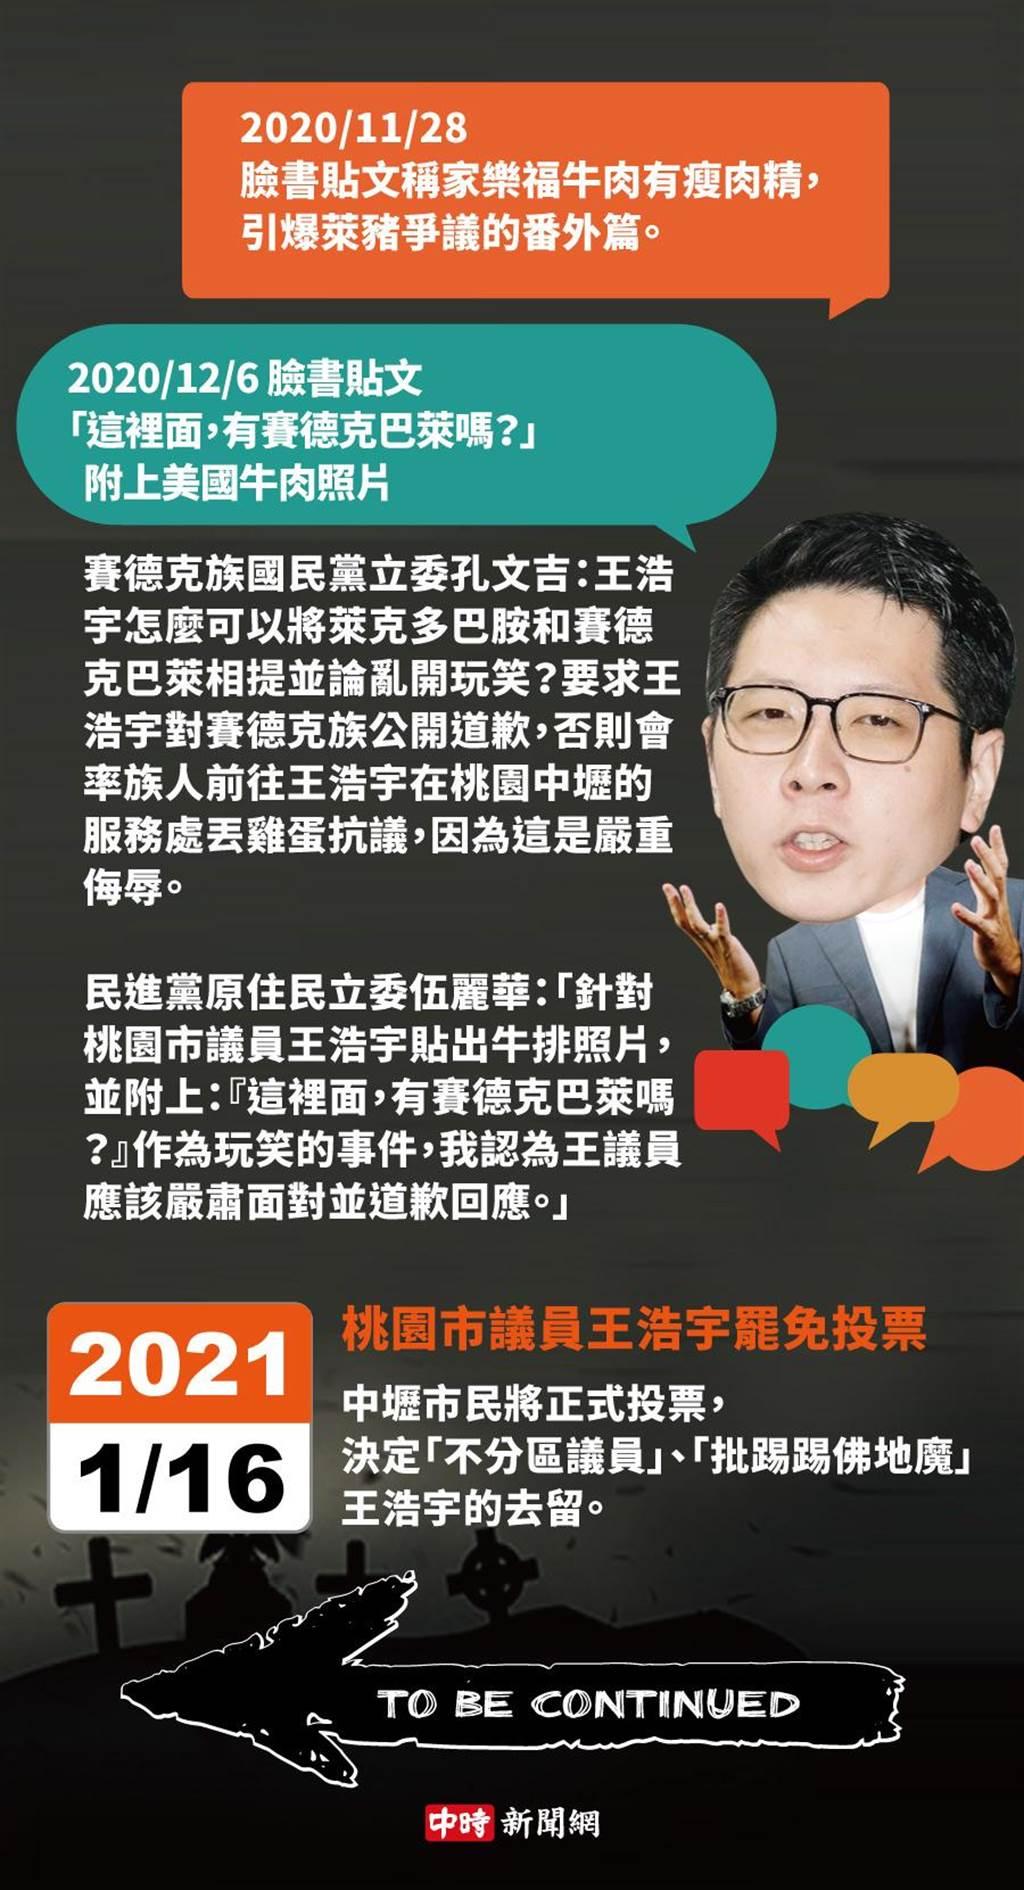 民進黨桃園市議員王浩宇爭議言行。(圖/合成圖,素材取自王浩宇臉書、達志影像;陳友齡製圖)